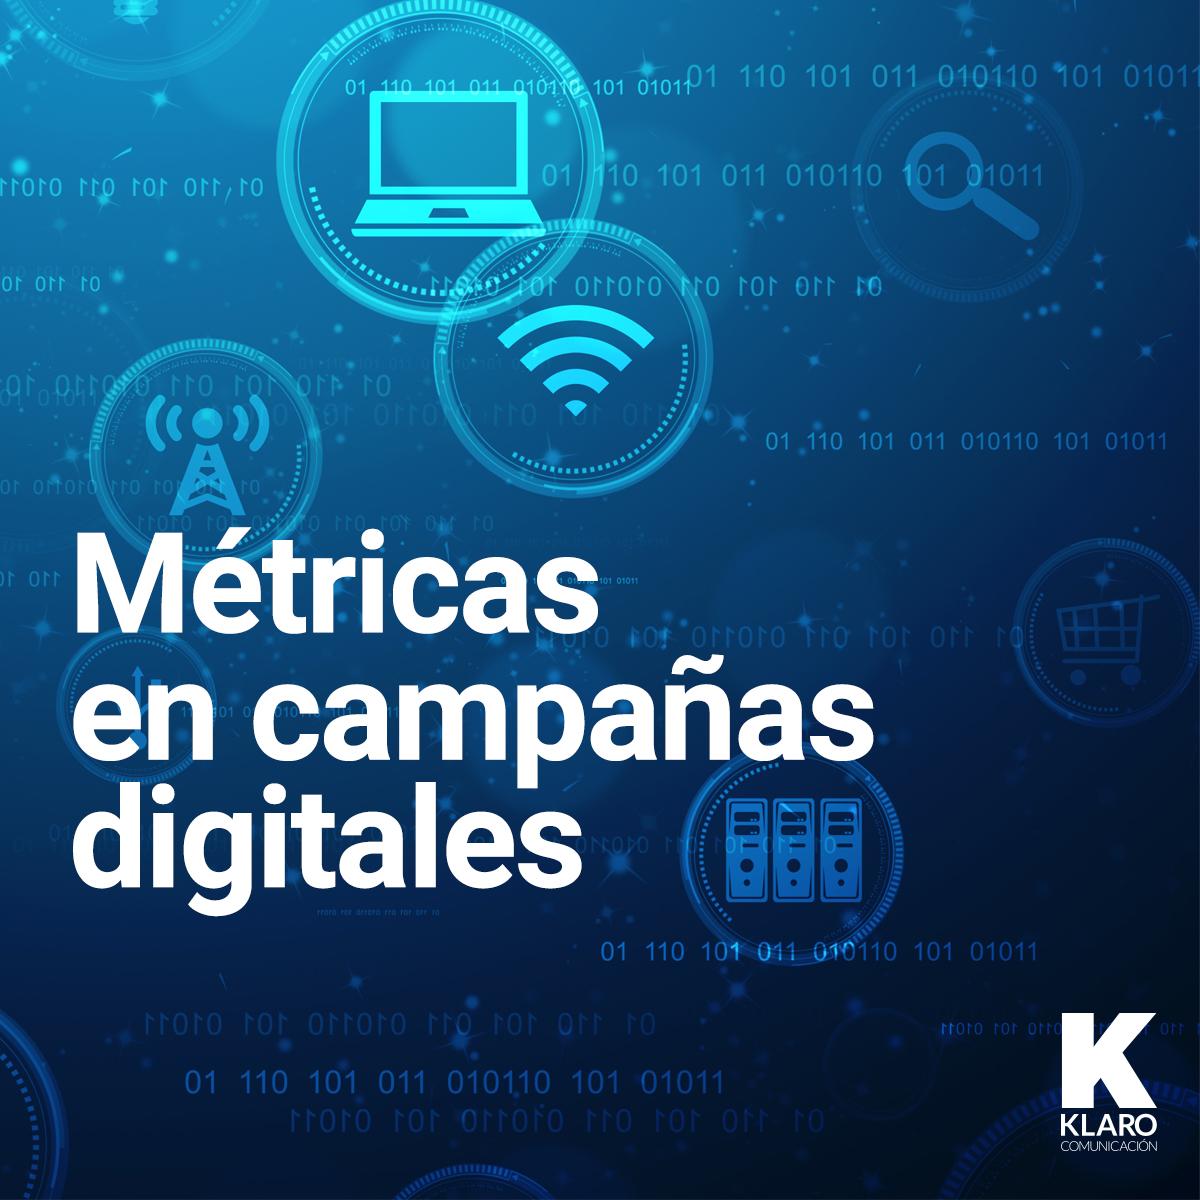 Metricas en campañas digitales